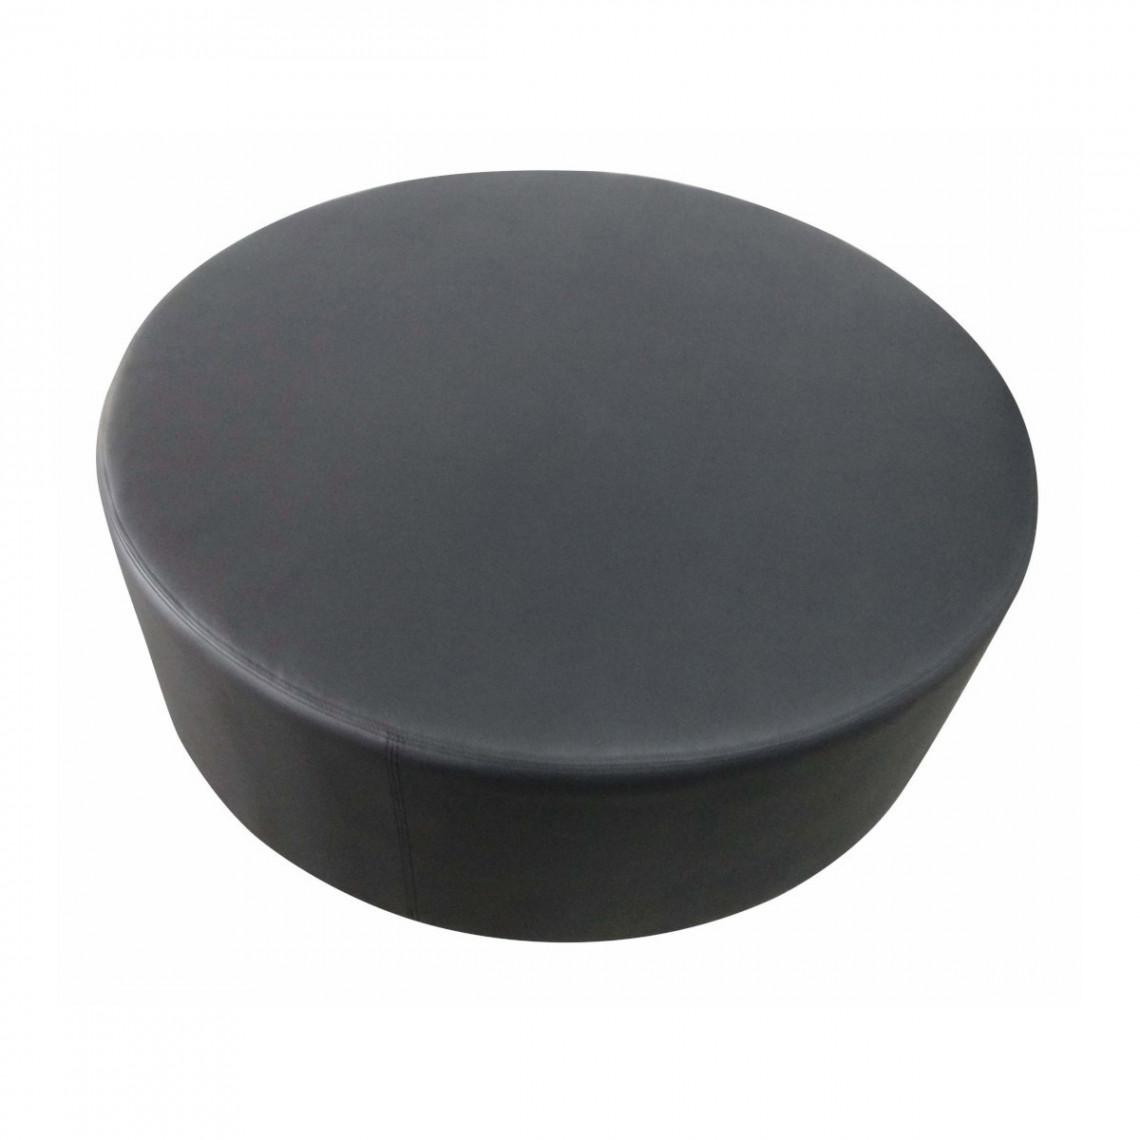 Pouf Cosy carré simili cuir noir (Ø120 cm)